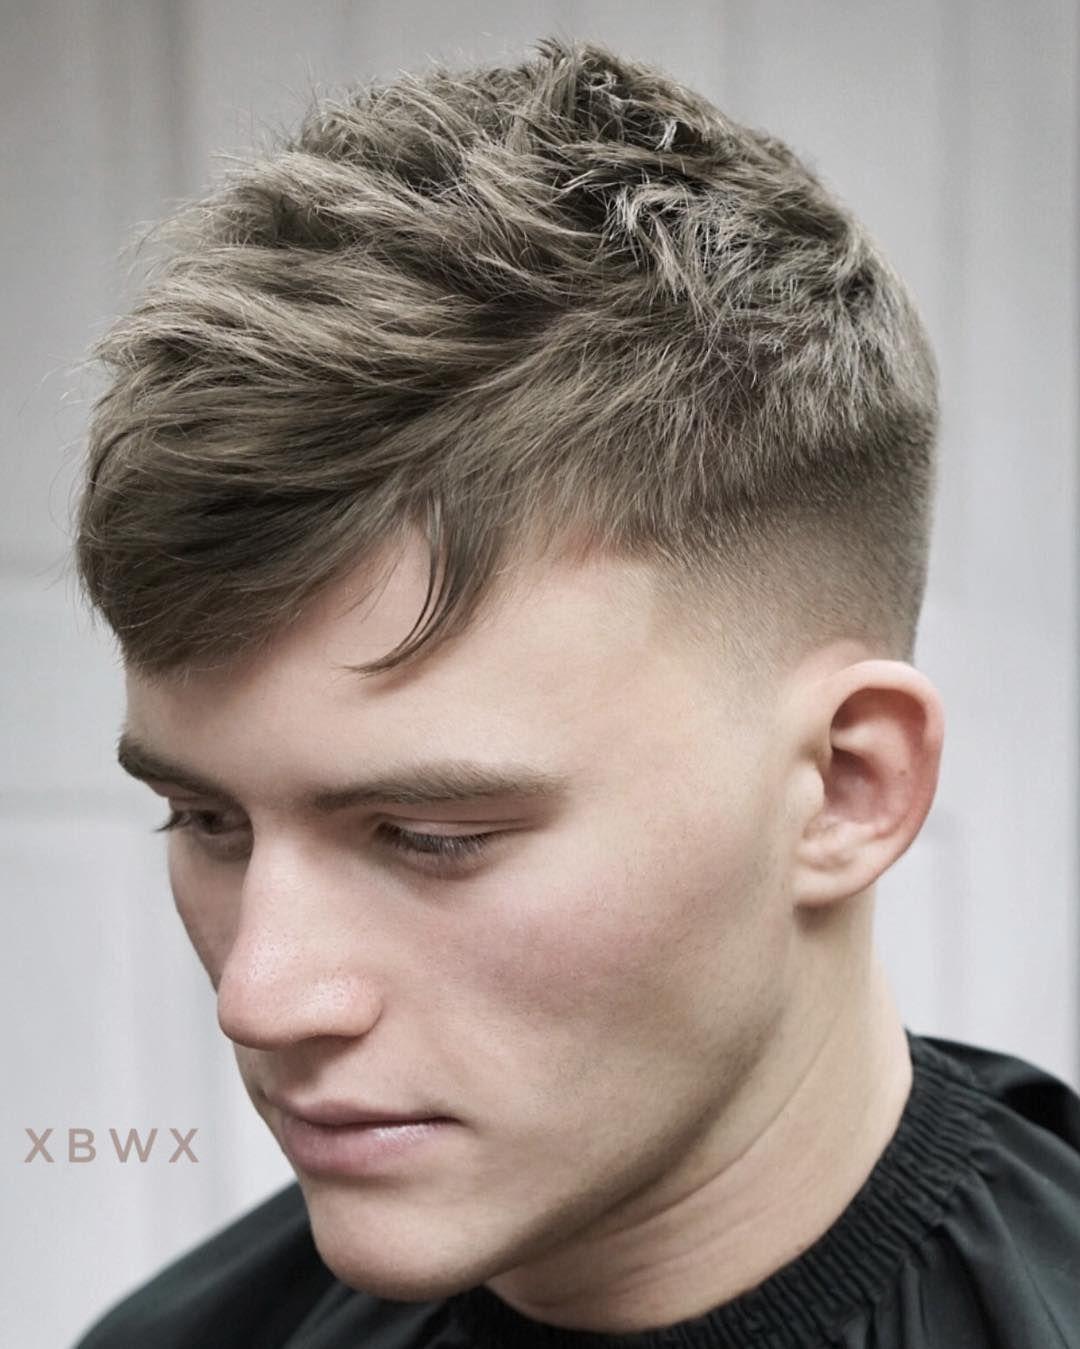 Top 50 Men S Hairstyles 2020 Update Mens Hairstyles Short Cool Hairstyles Mens Haircuts Short